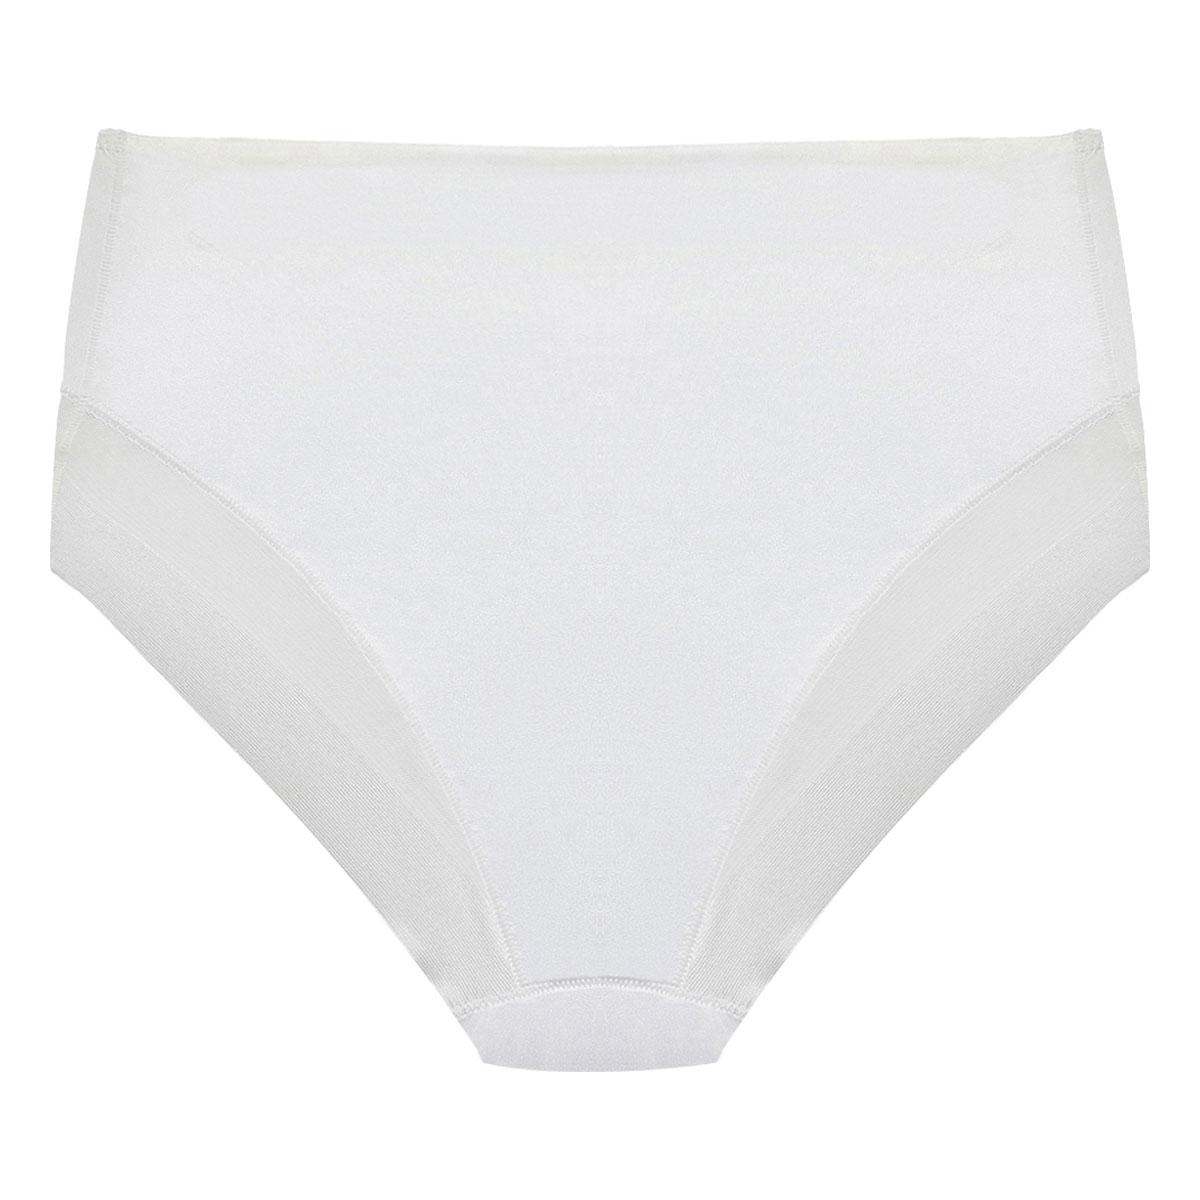 Braga maxi invisible blanca - Perfect Silhouette, , PLAYTEX